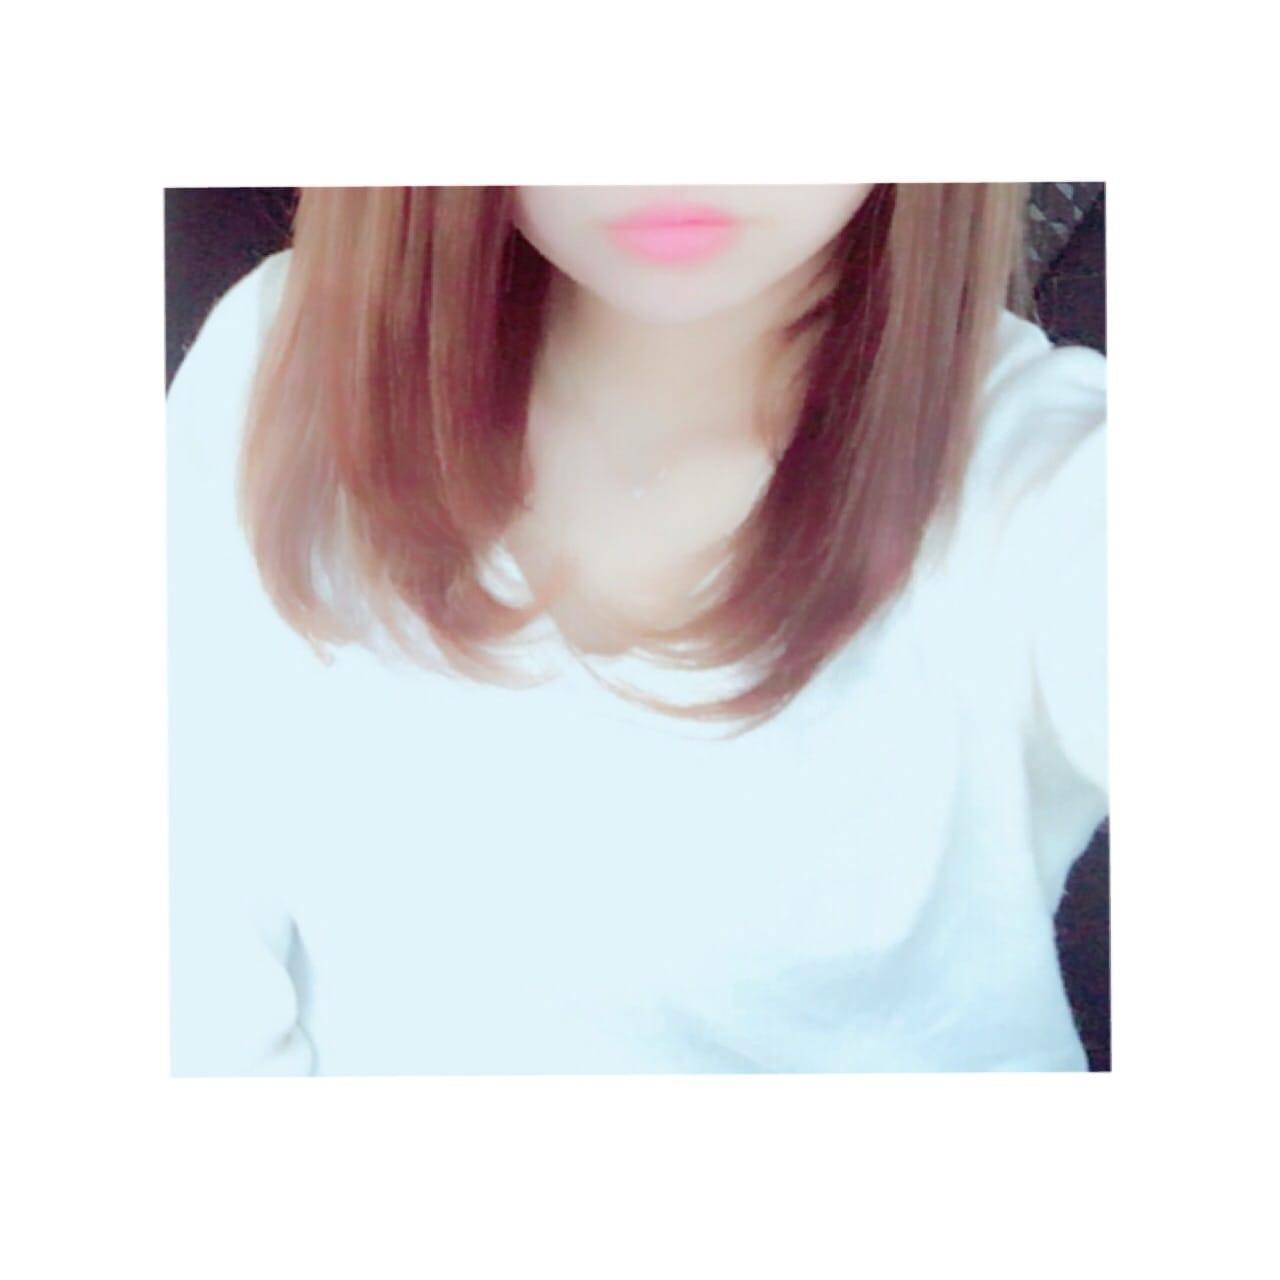 「★出勤☆」02/09(02/09) 17:23 | つむぎの写メ・風俗動画